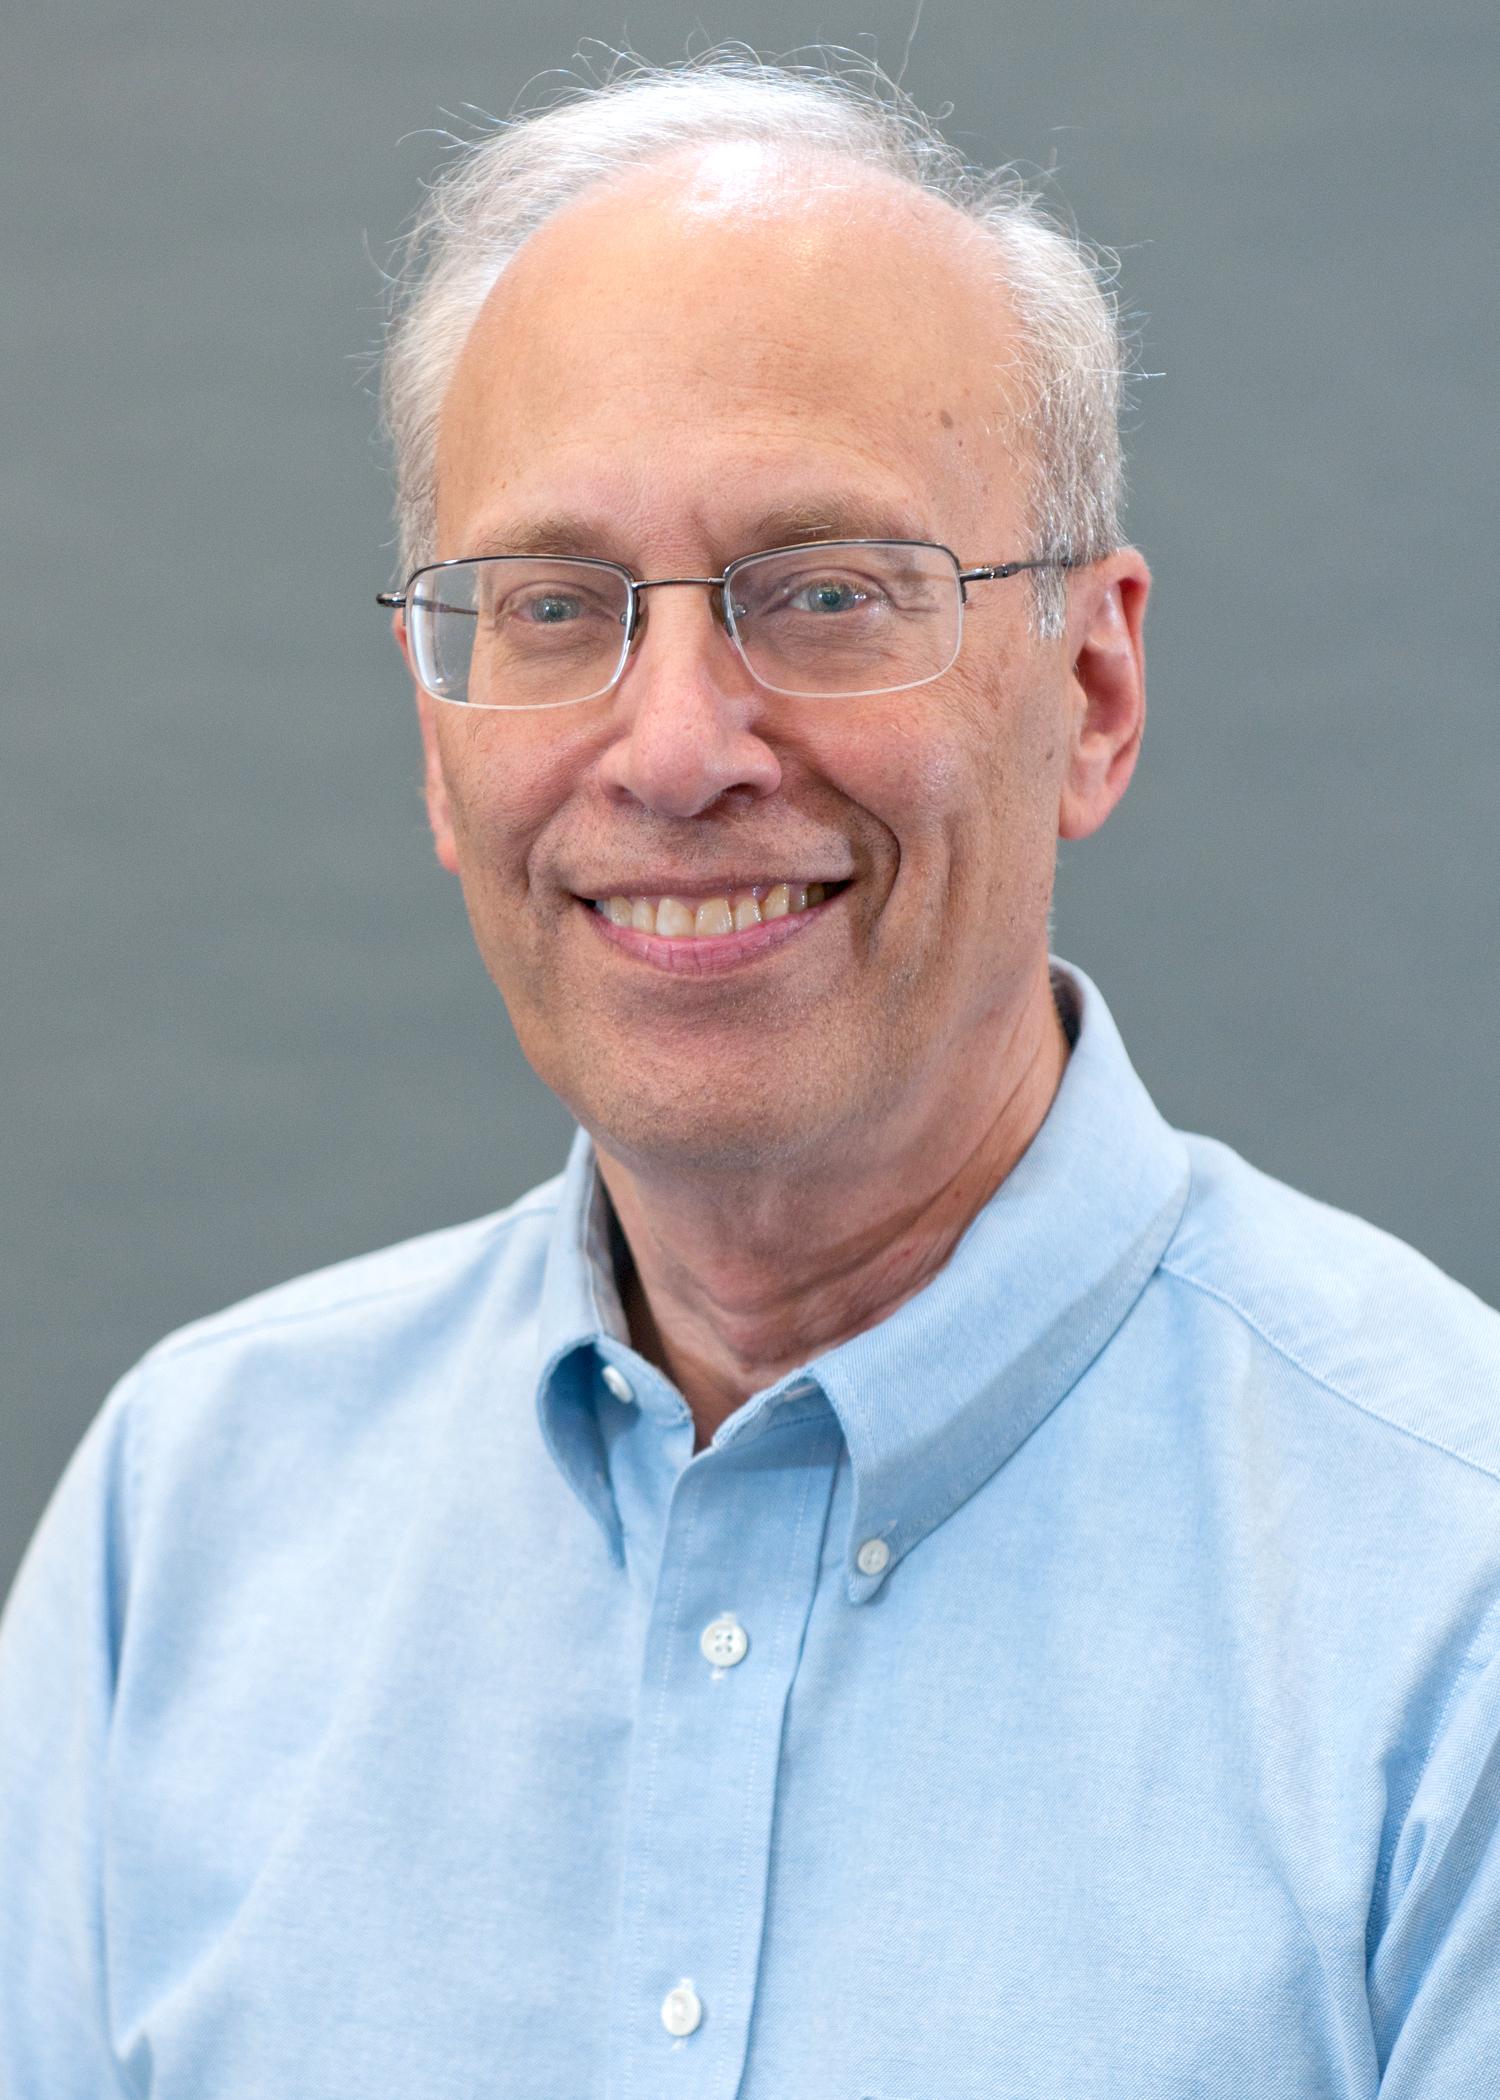 Steven R. Gordon